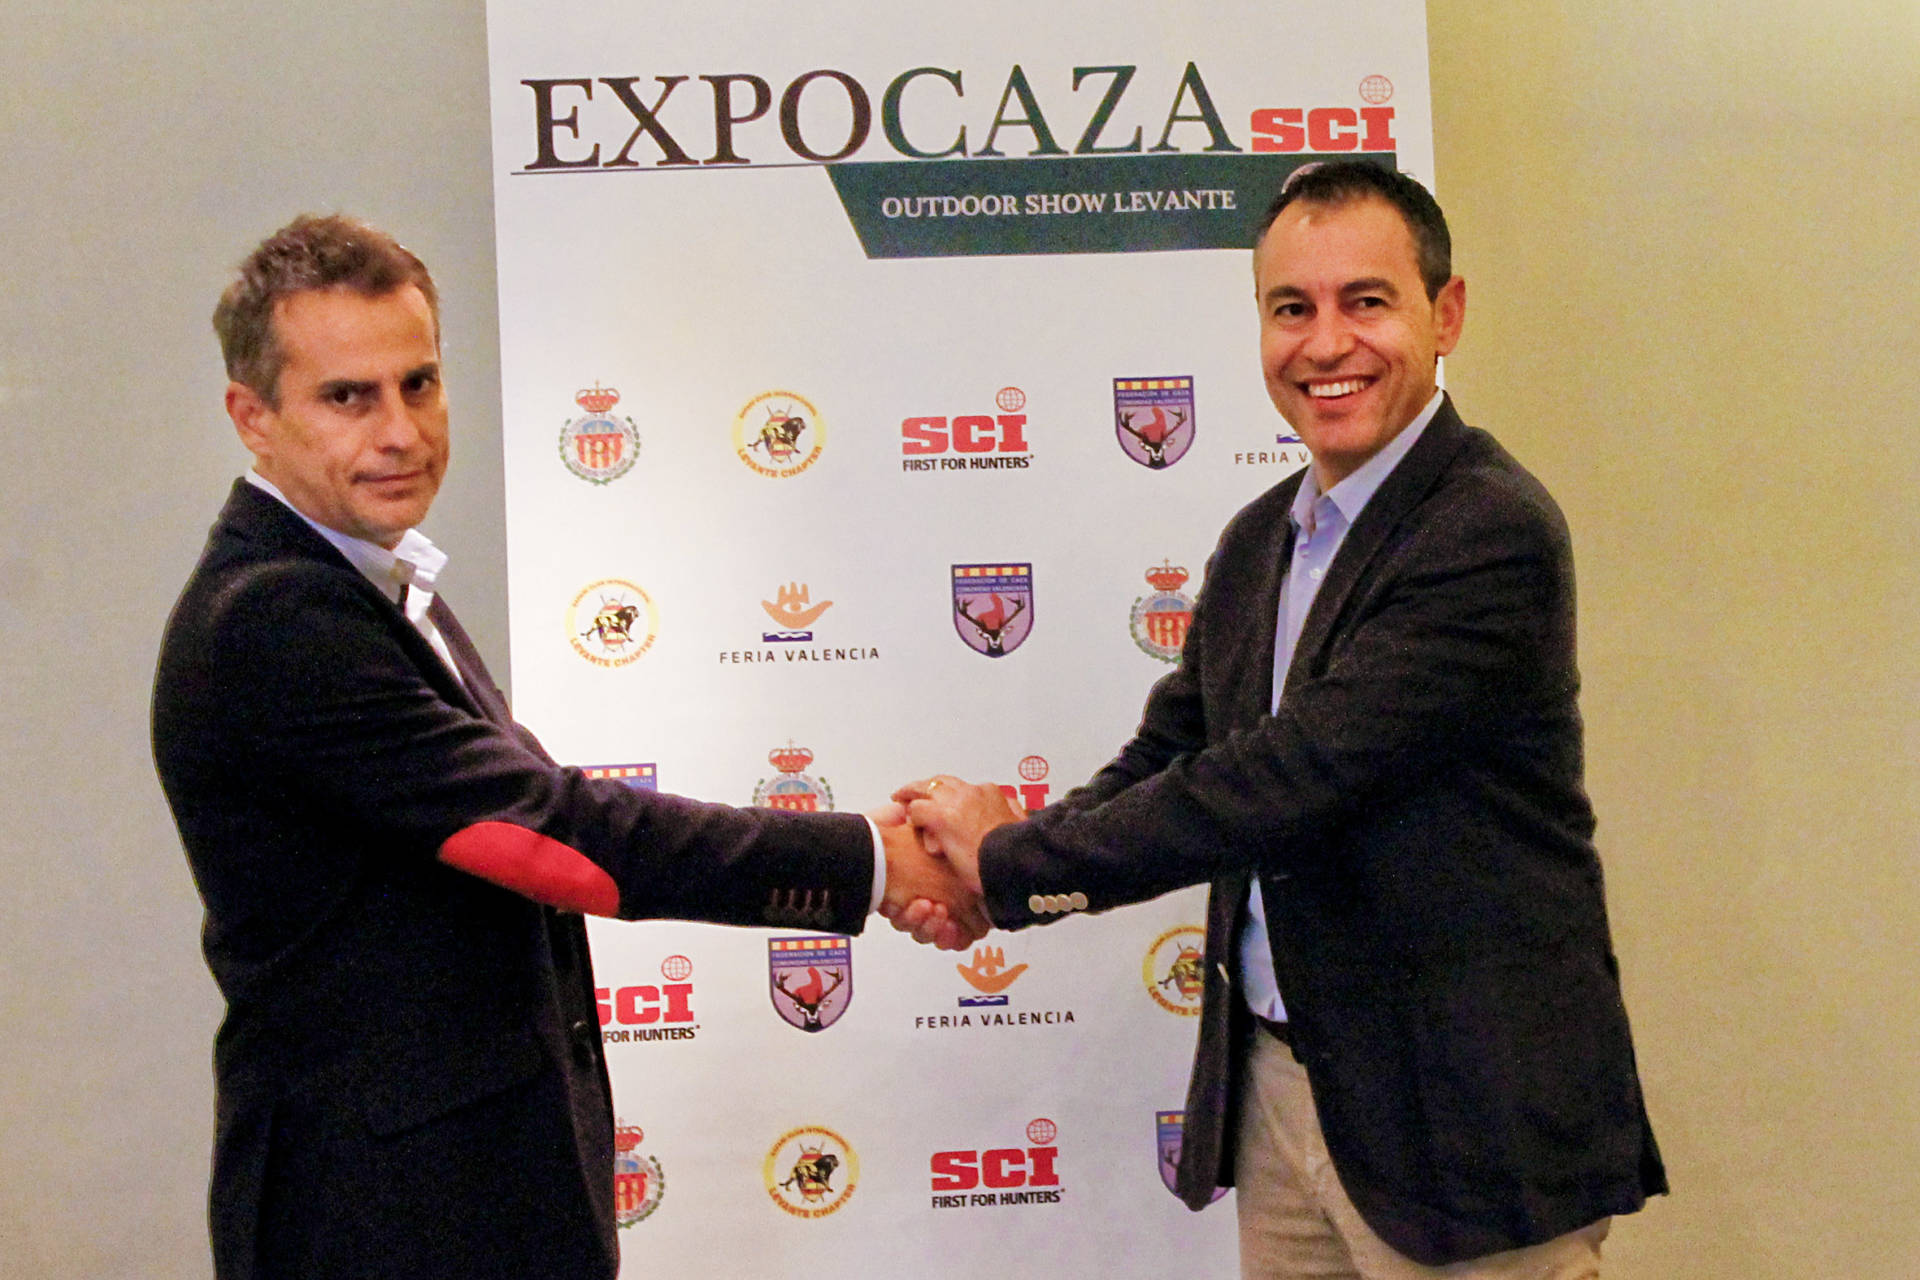 La Federación de Caza de la CV y Feria Valencia firman un convenio para impulsar Expocaza SCI